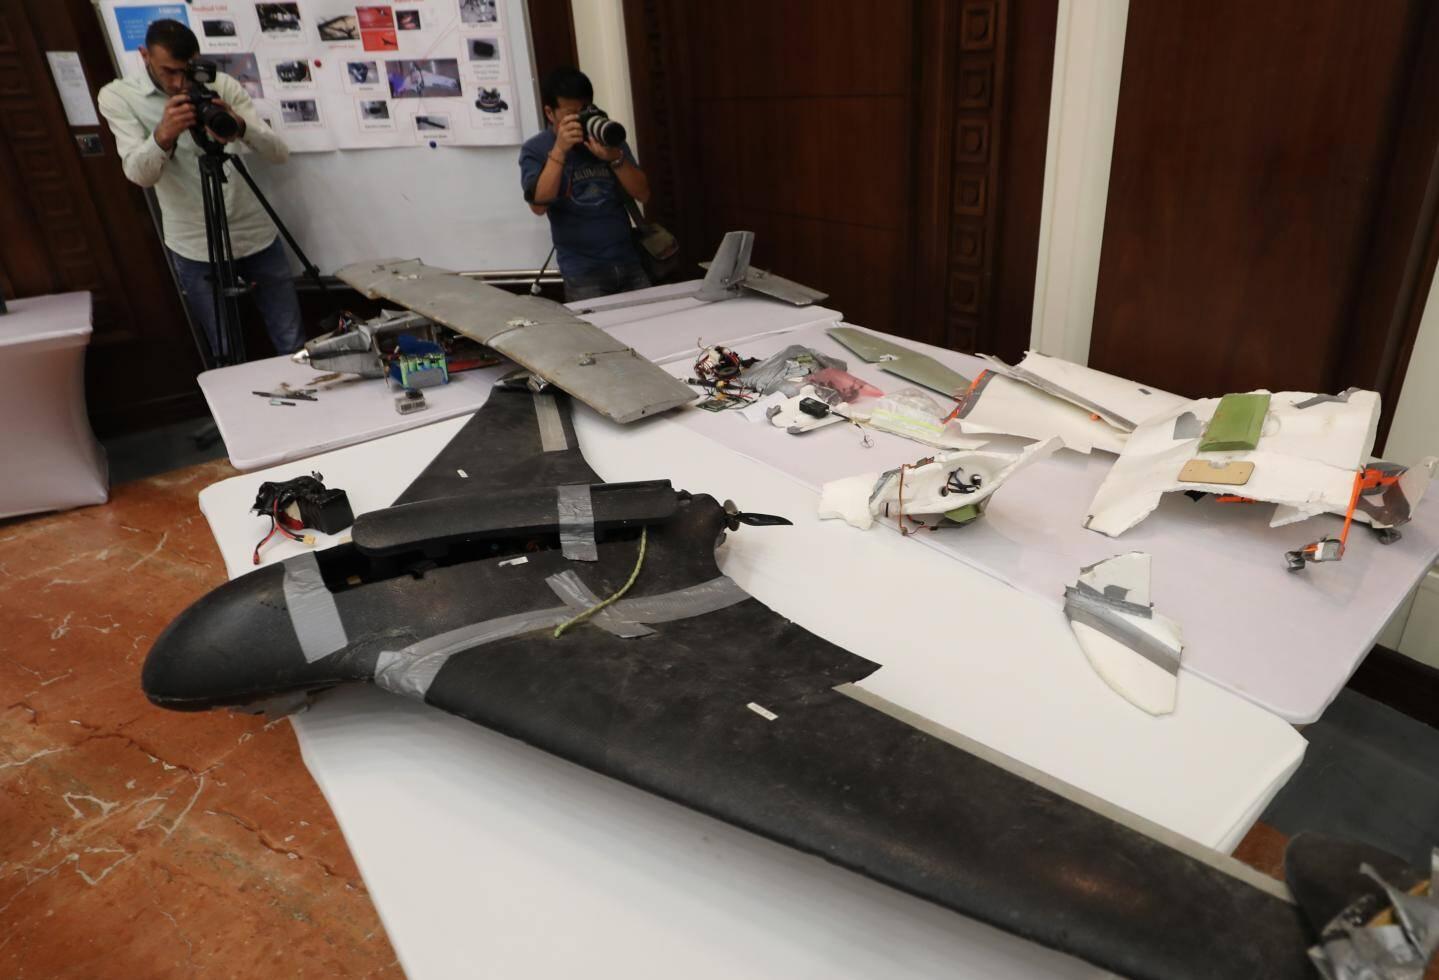 Les Emirats Arabes Unis accusent les rebelles Huthis du Yémen d'avoir utilisé ce genre de drone dans des attaques contre des installations pétrolières.